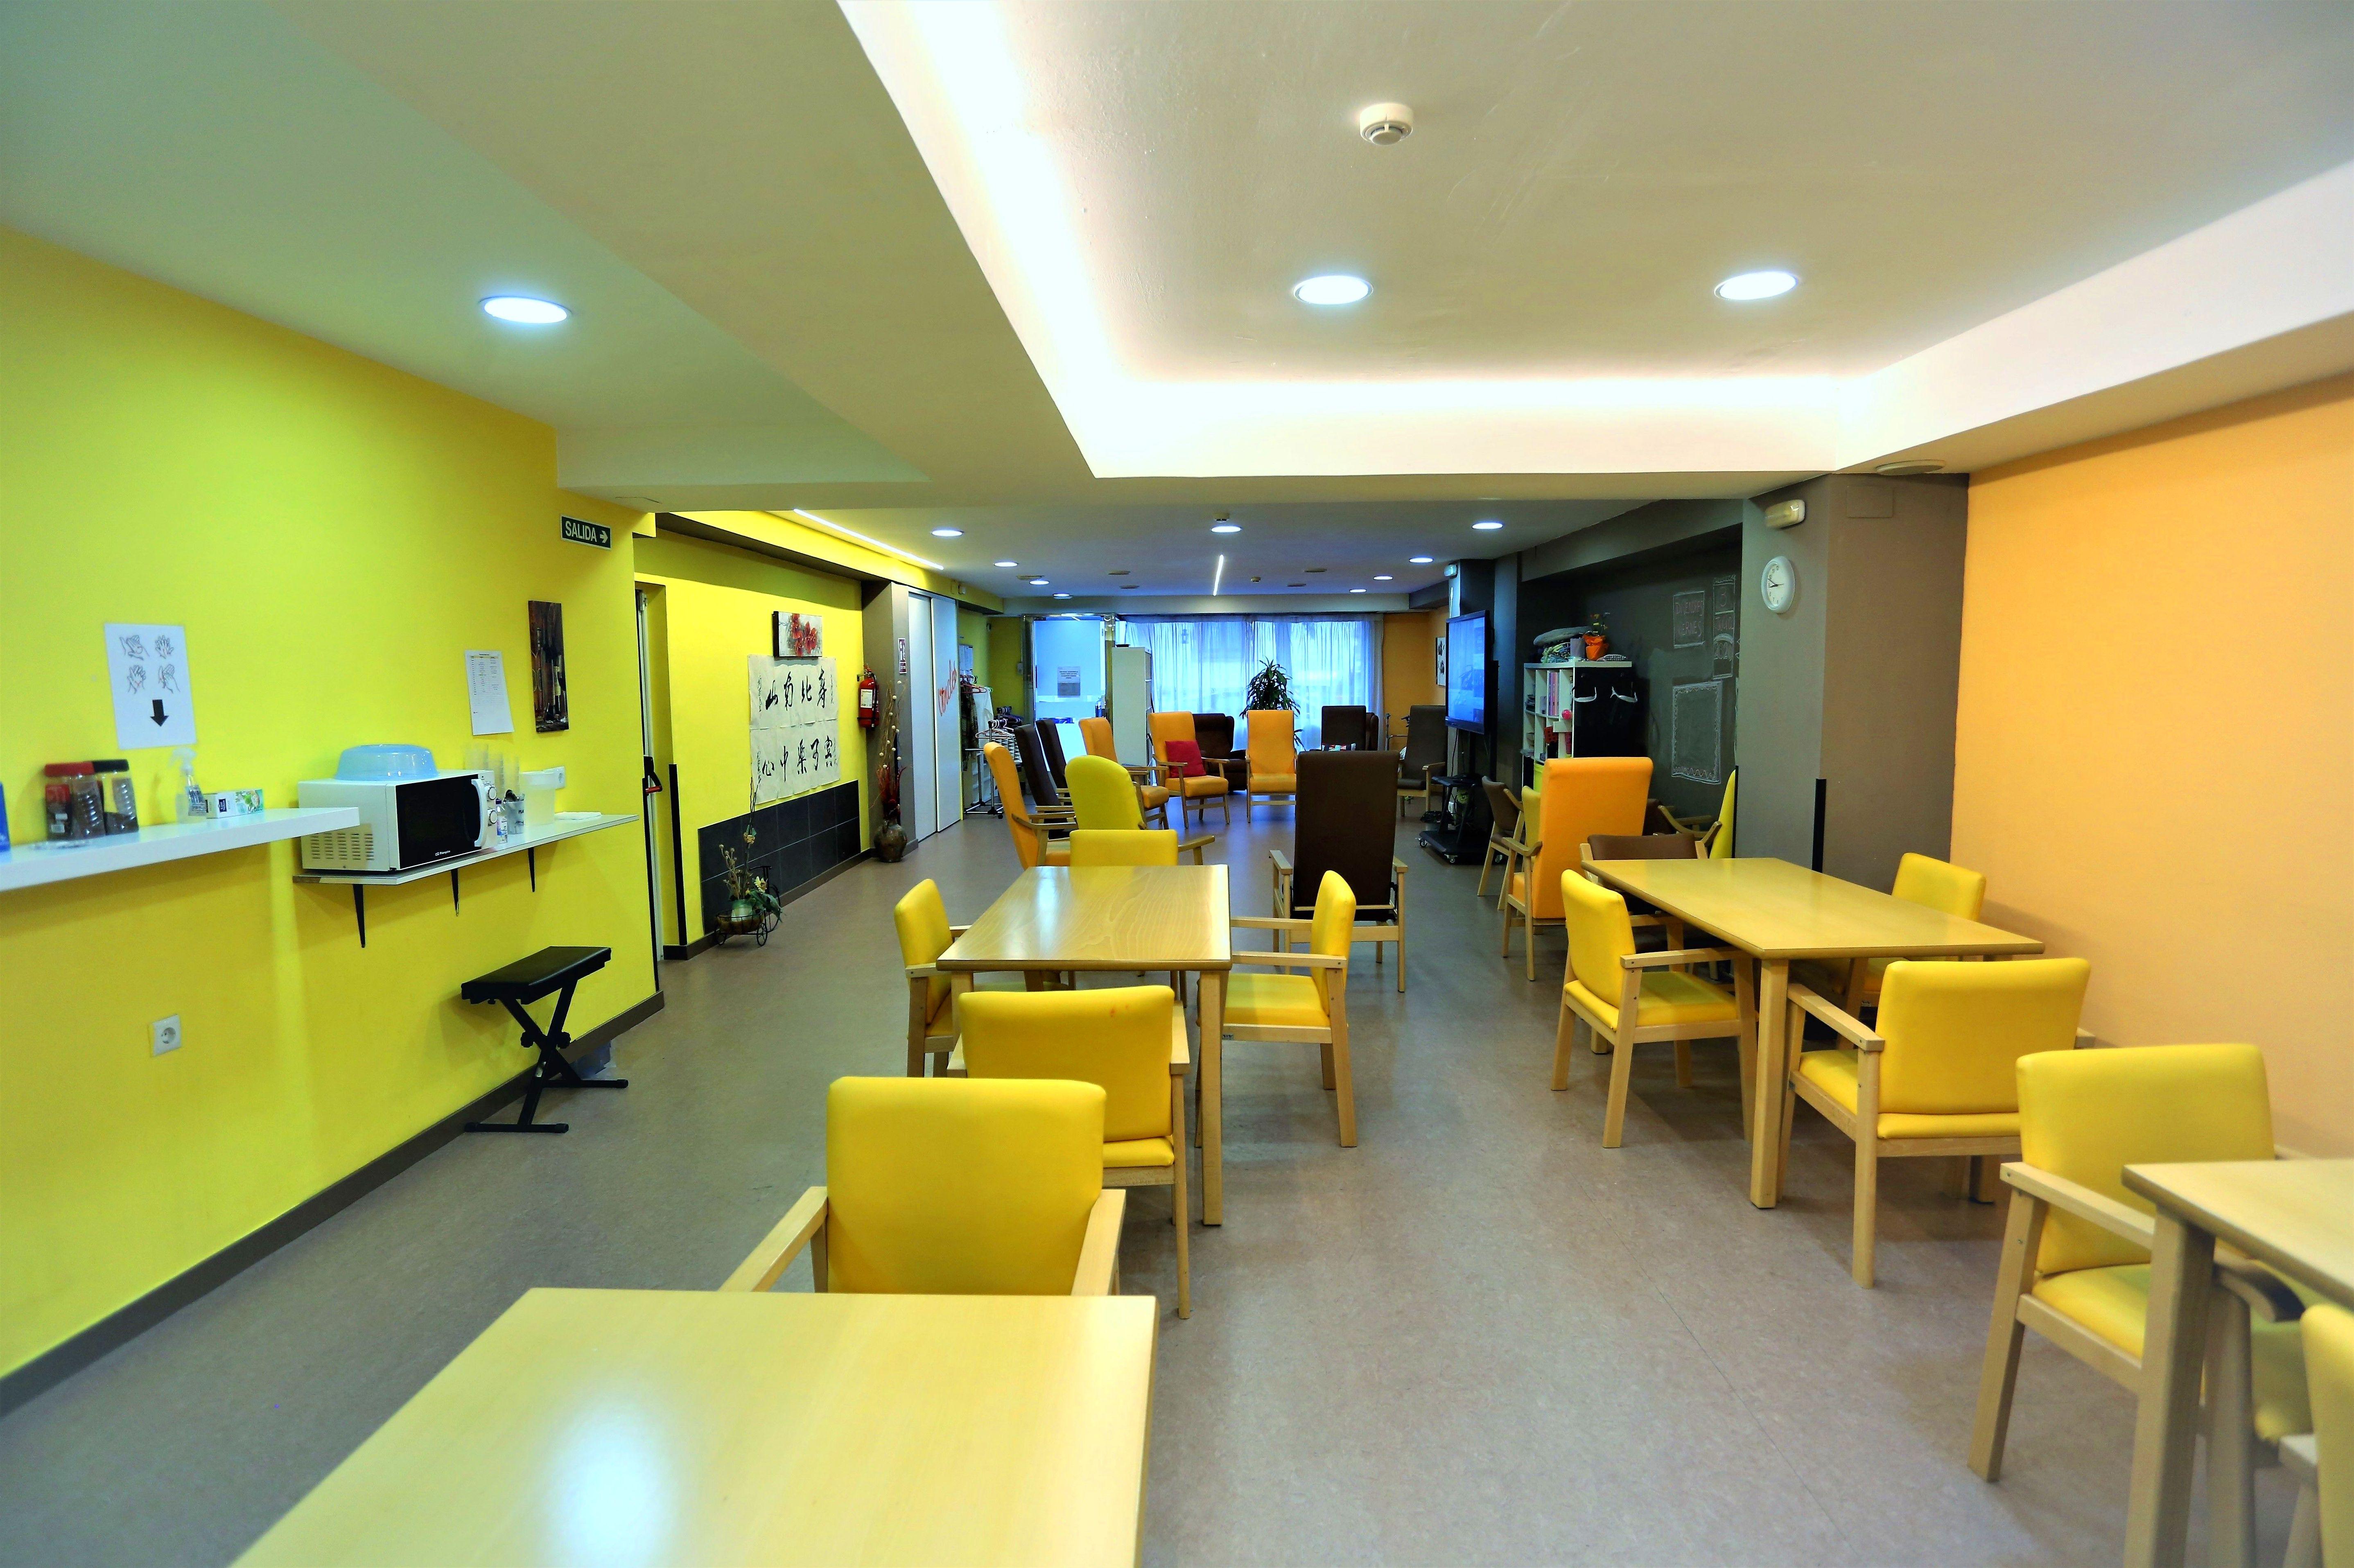 Centro de día adaptado para personas con dependencia